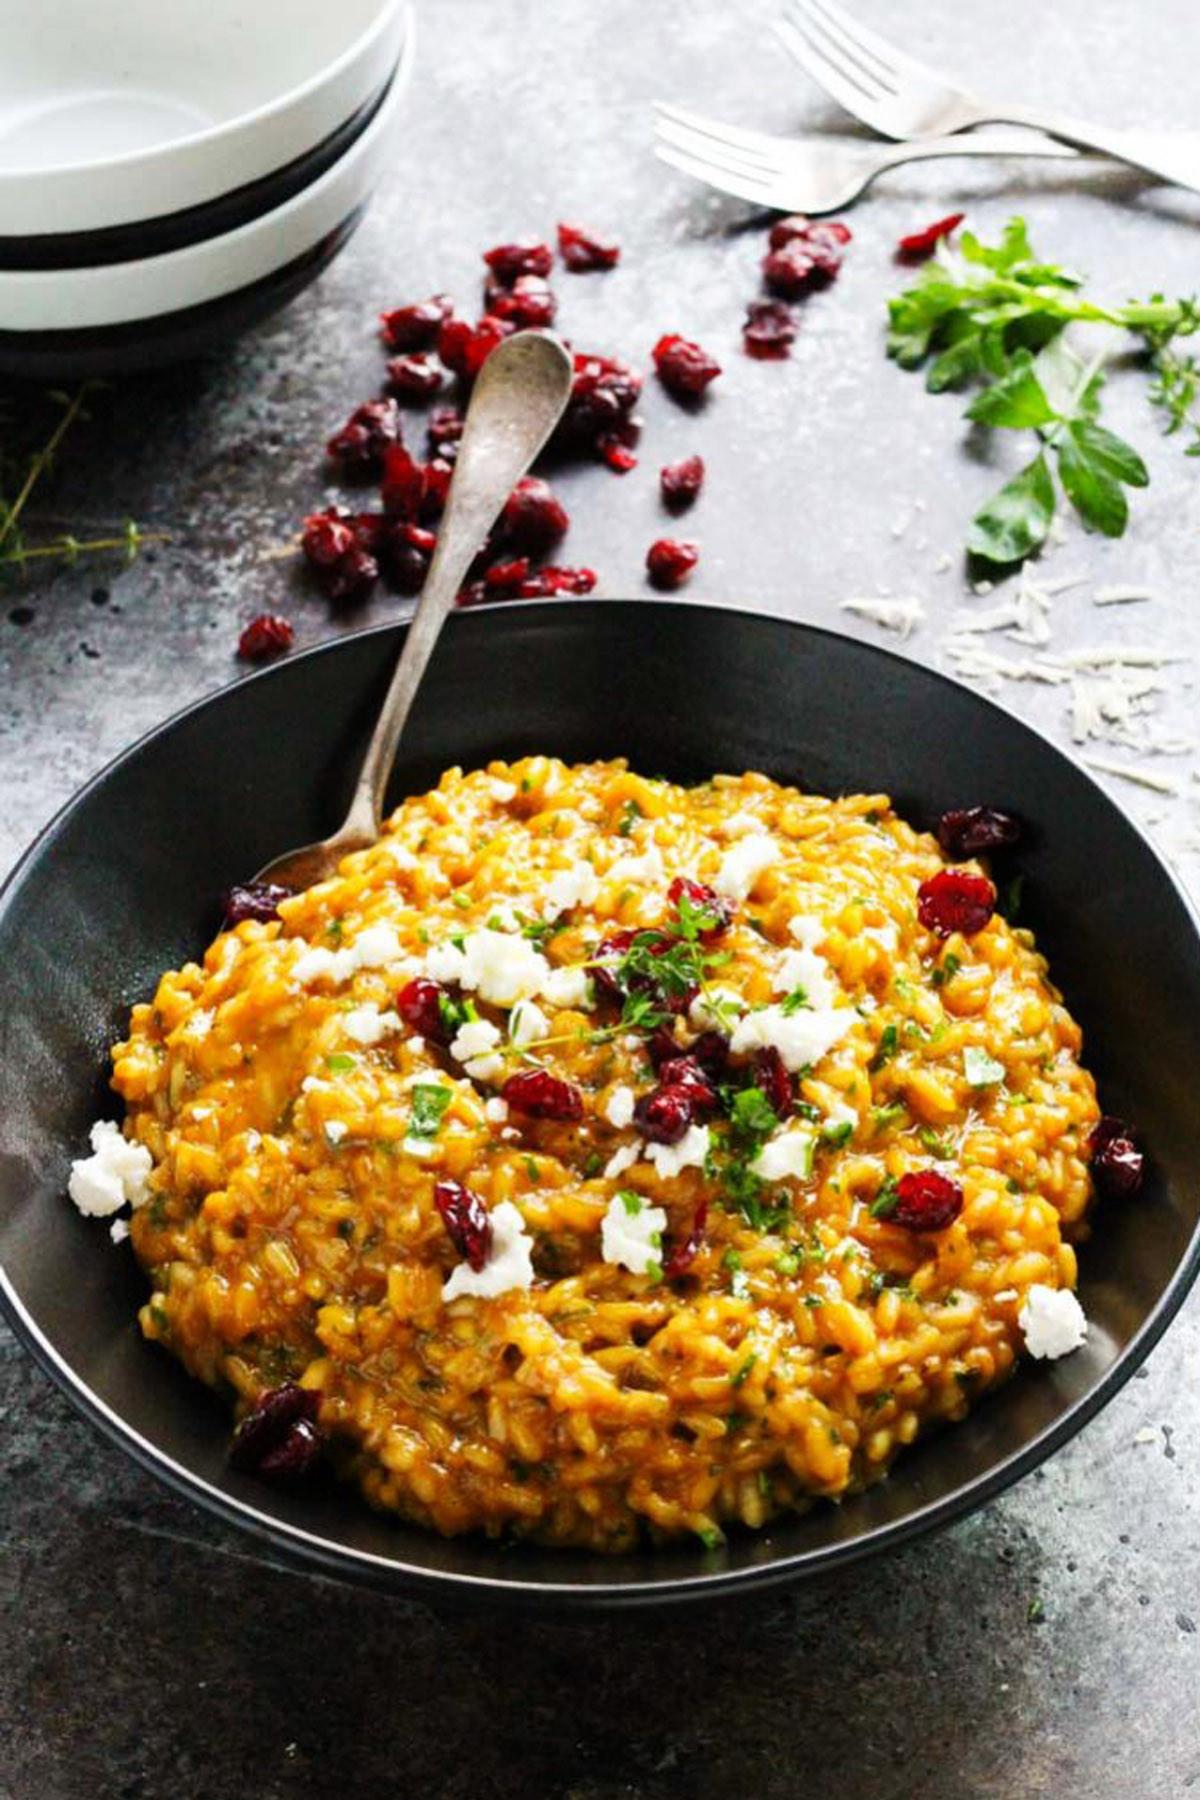 Fall Recipes For Dinner  25 Easy Fall Dinner Ideas Best Dinner Recipes for Autumn